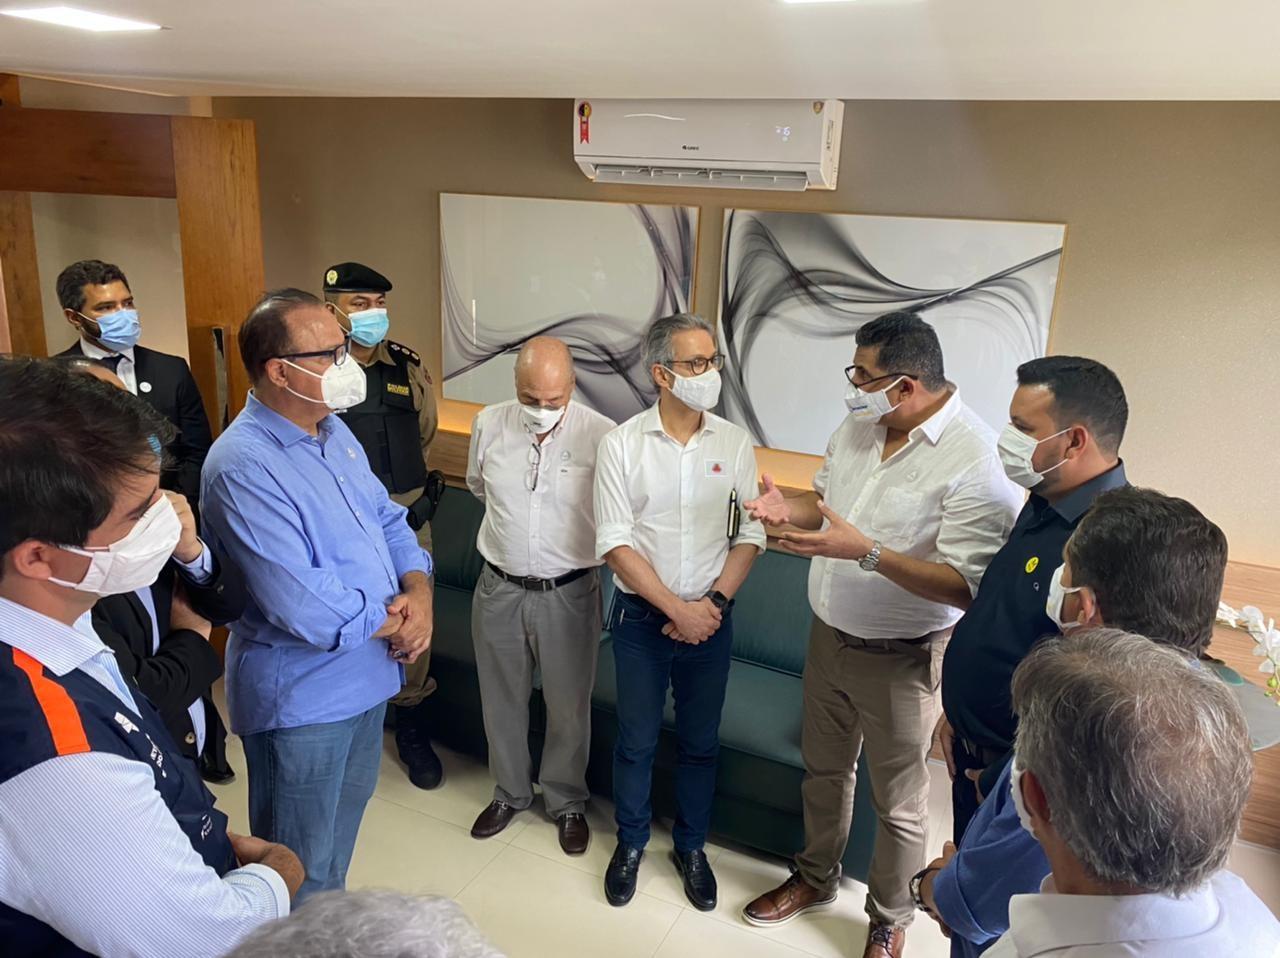 Governador Romeu Zema inaugura 10 leitos de UTI Covid no Hospital Fundajan, em Janaúba